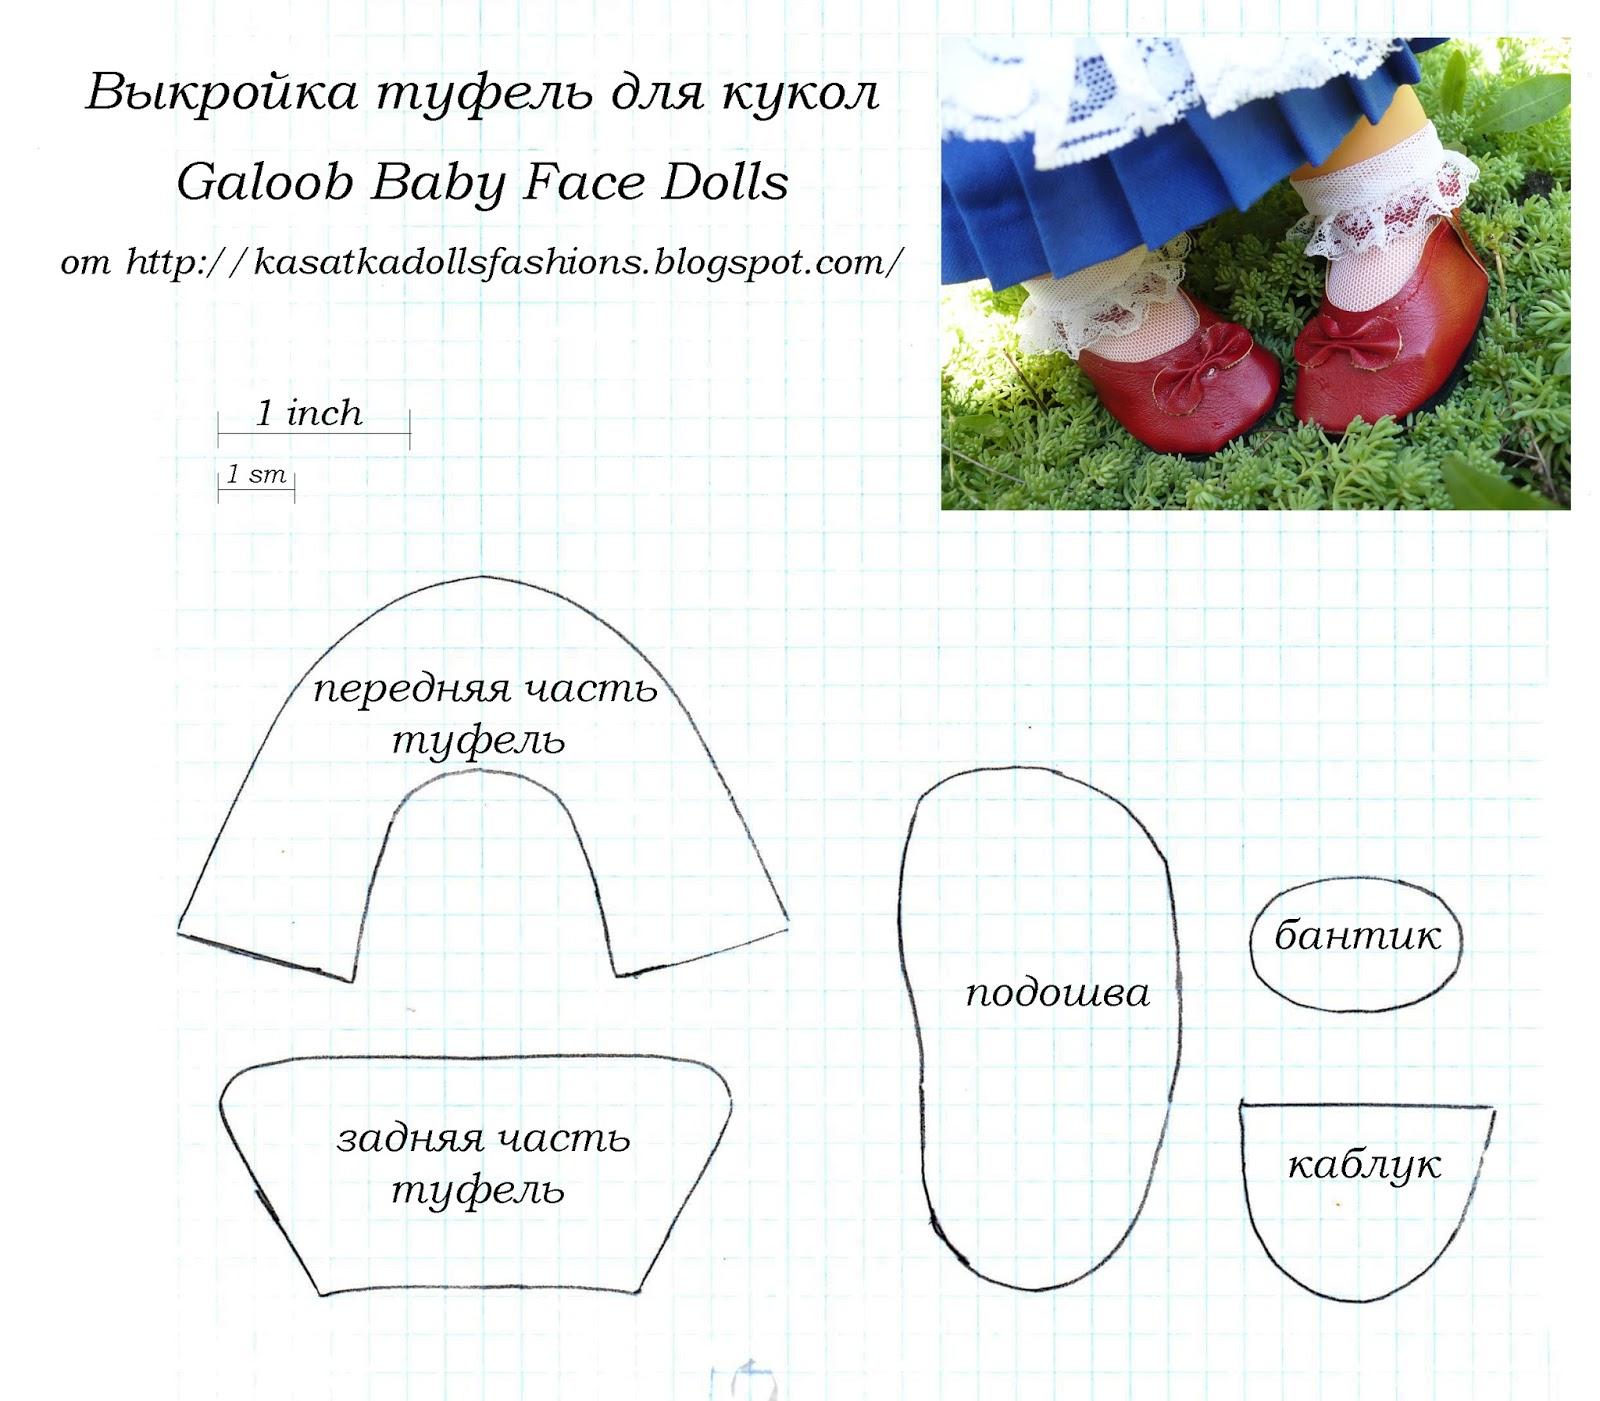 Обувь для куклы паола рейна своими руками